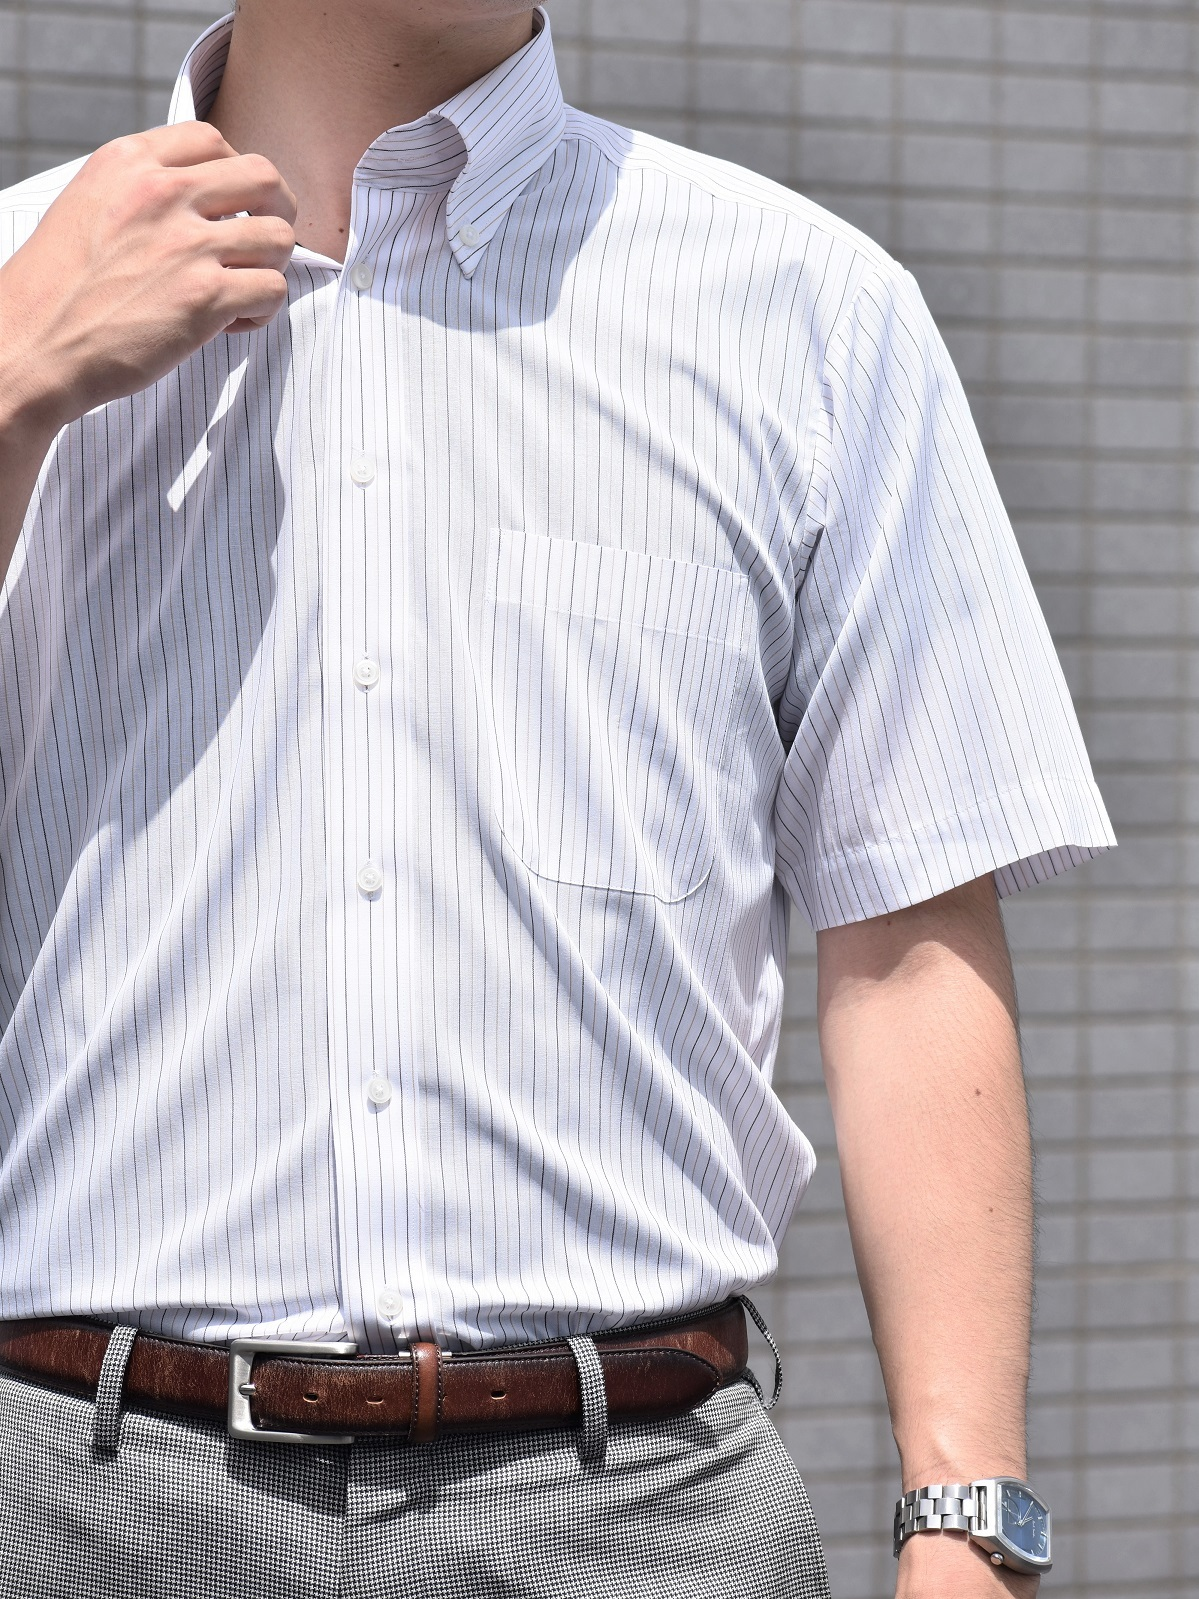 【形態安定加工】半袖シャツストライプ柄 (衿ボタンダウン)KG